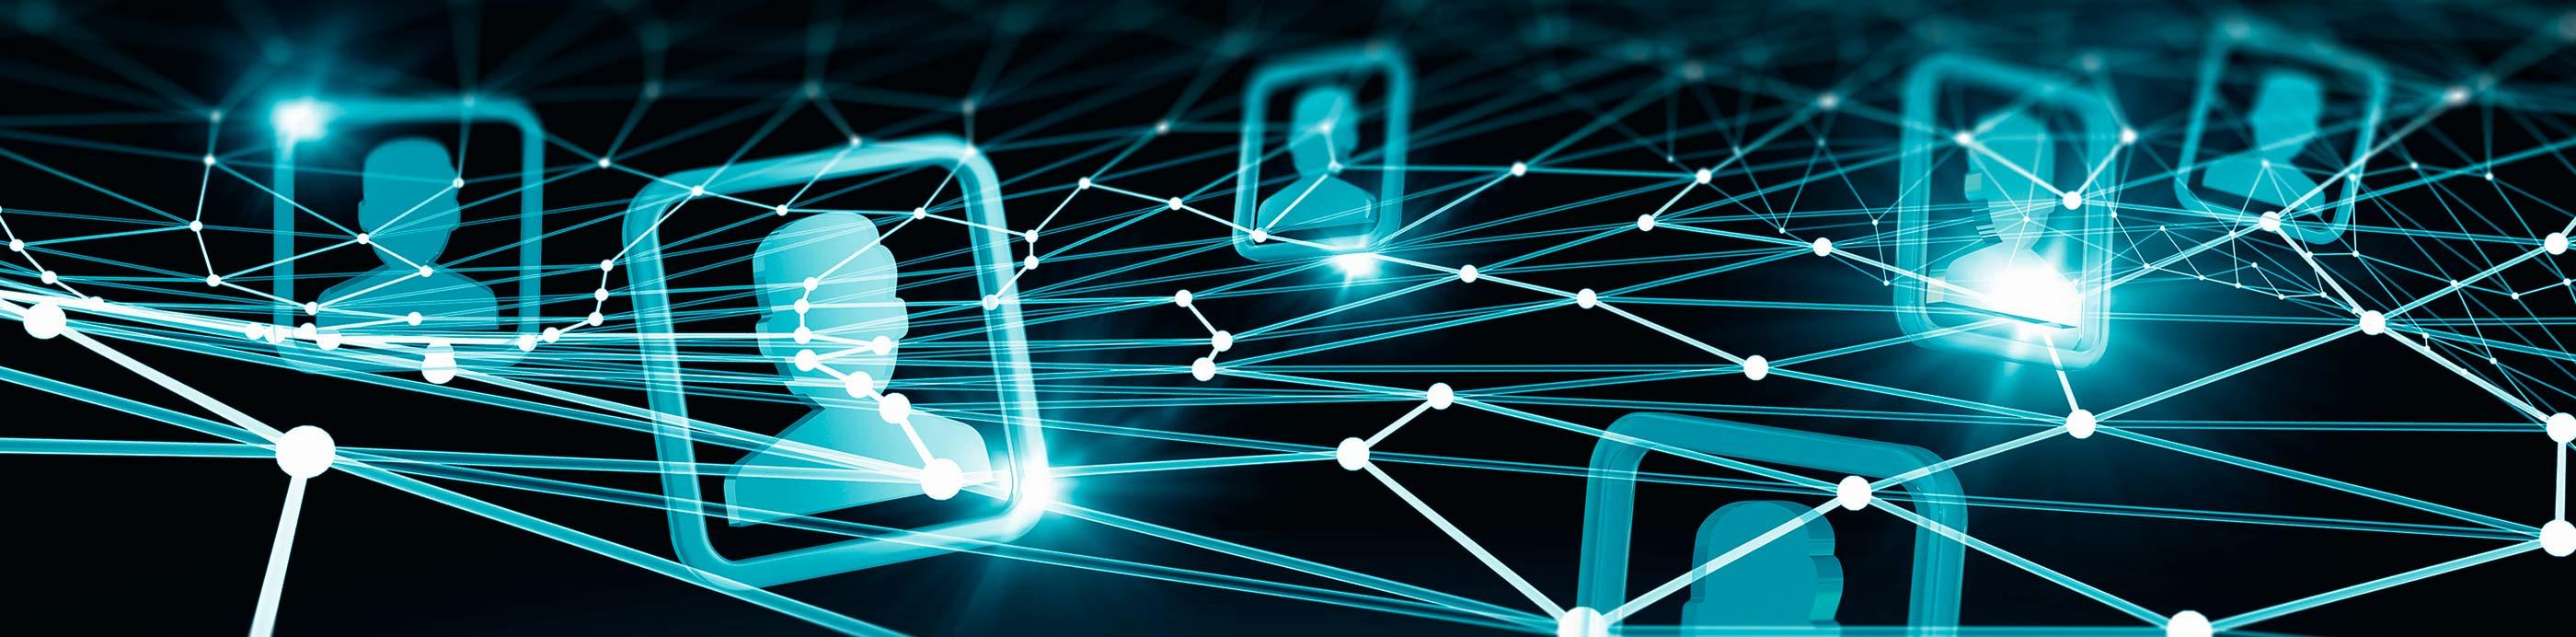 how to create a digital platform